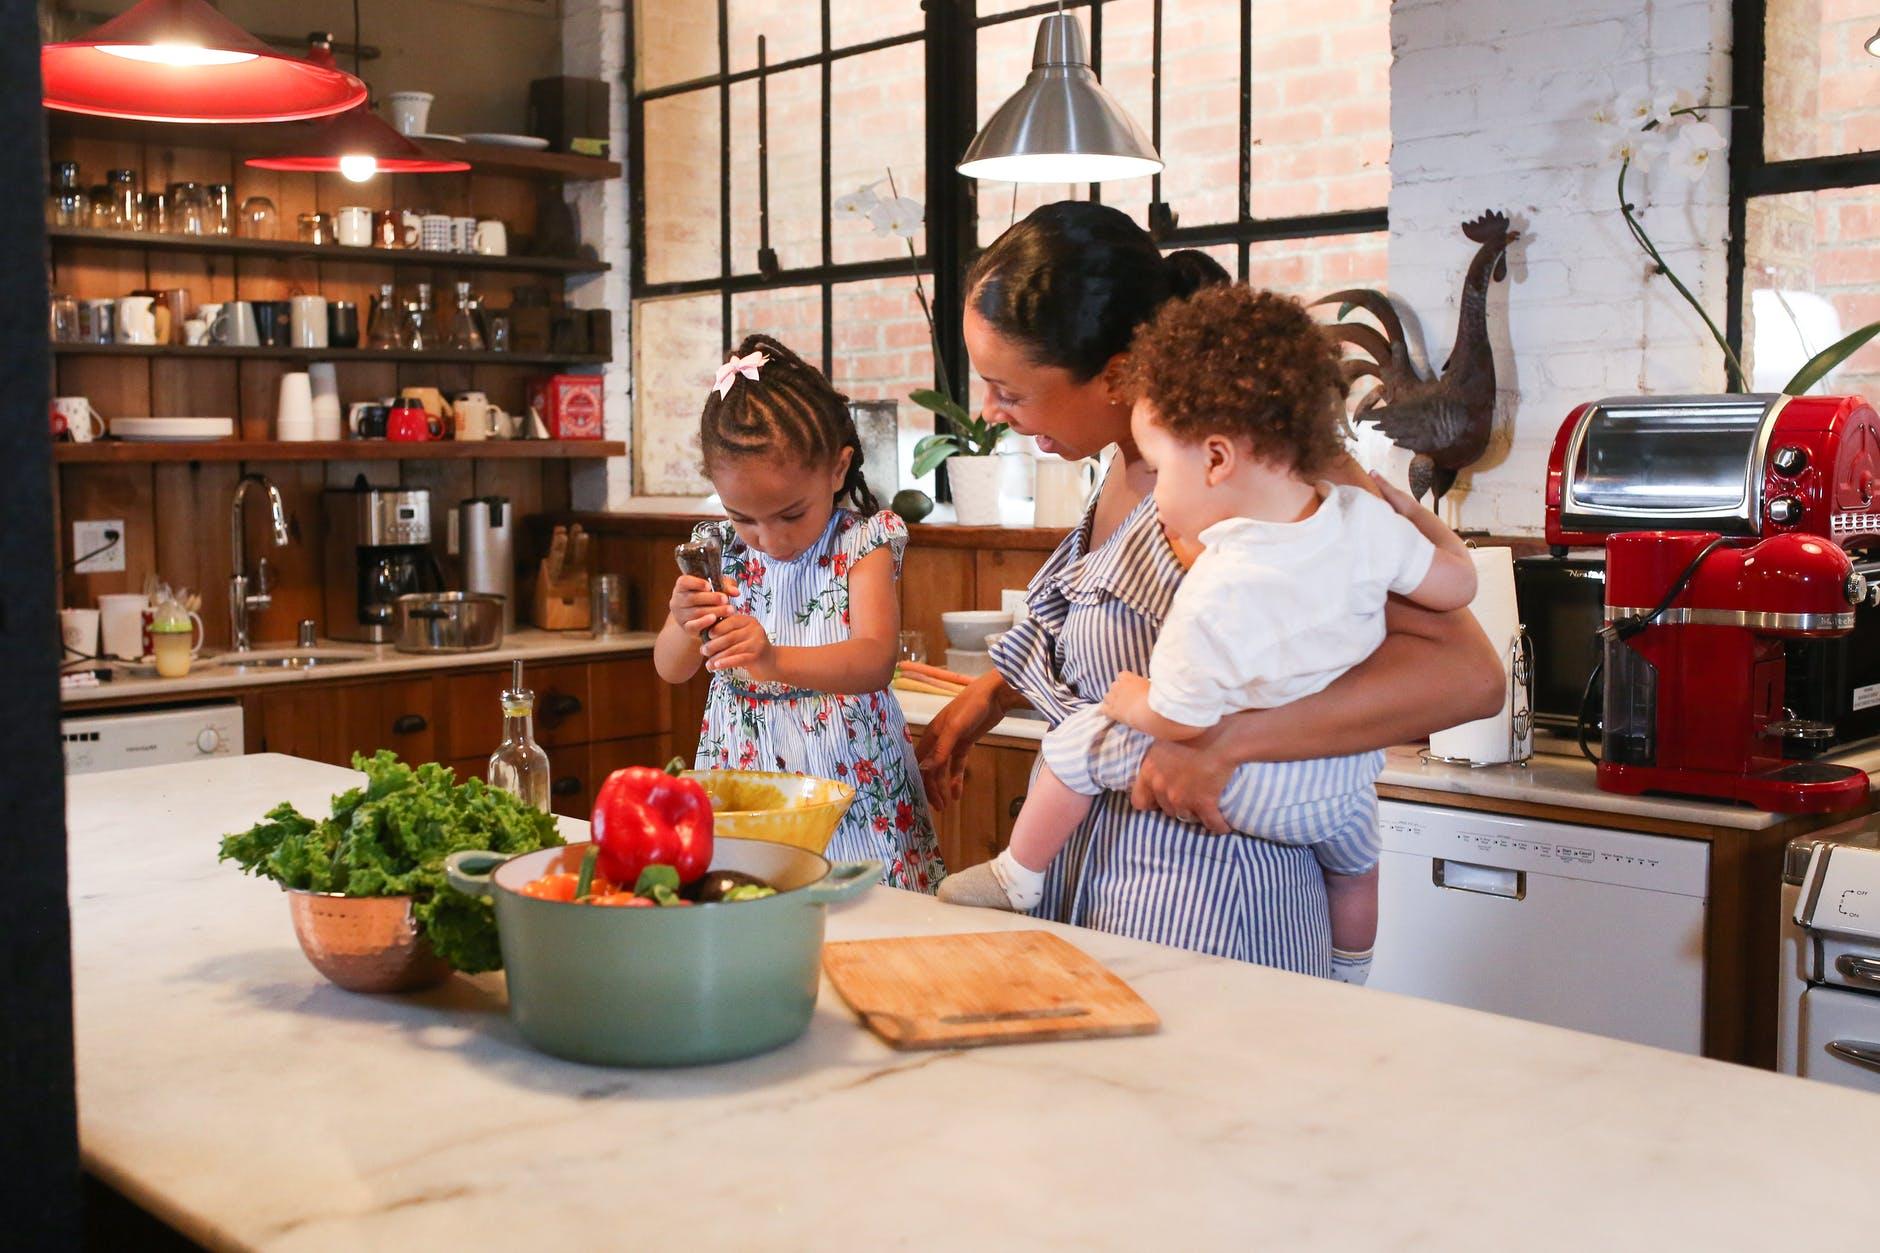 Indretning af institutionens køkken: sådan finder I den bedste løsning